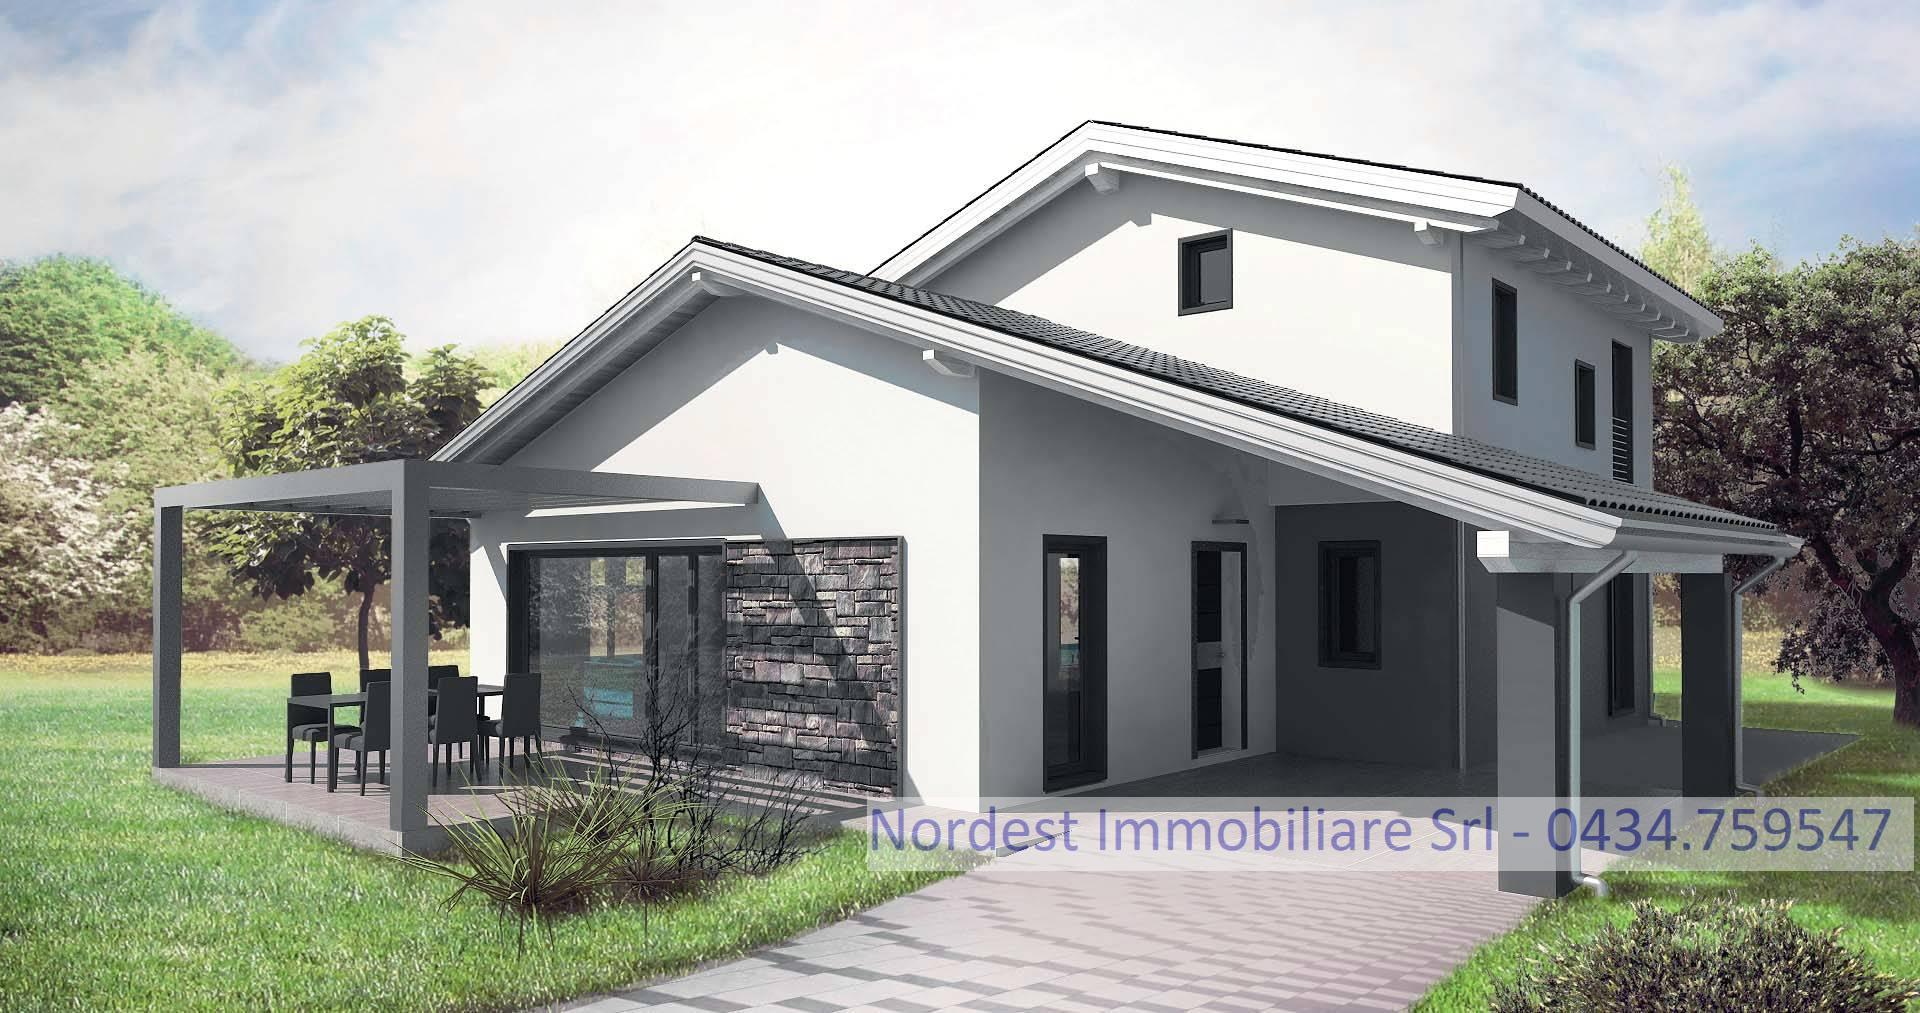 Soluzione Indipendente in vendita a Cittadella, 6 locali, prezzo € 160.000 | CambioCasa.it